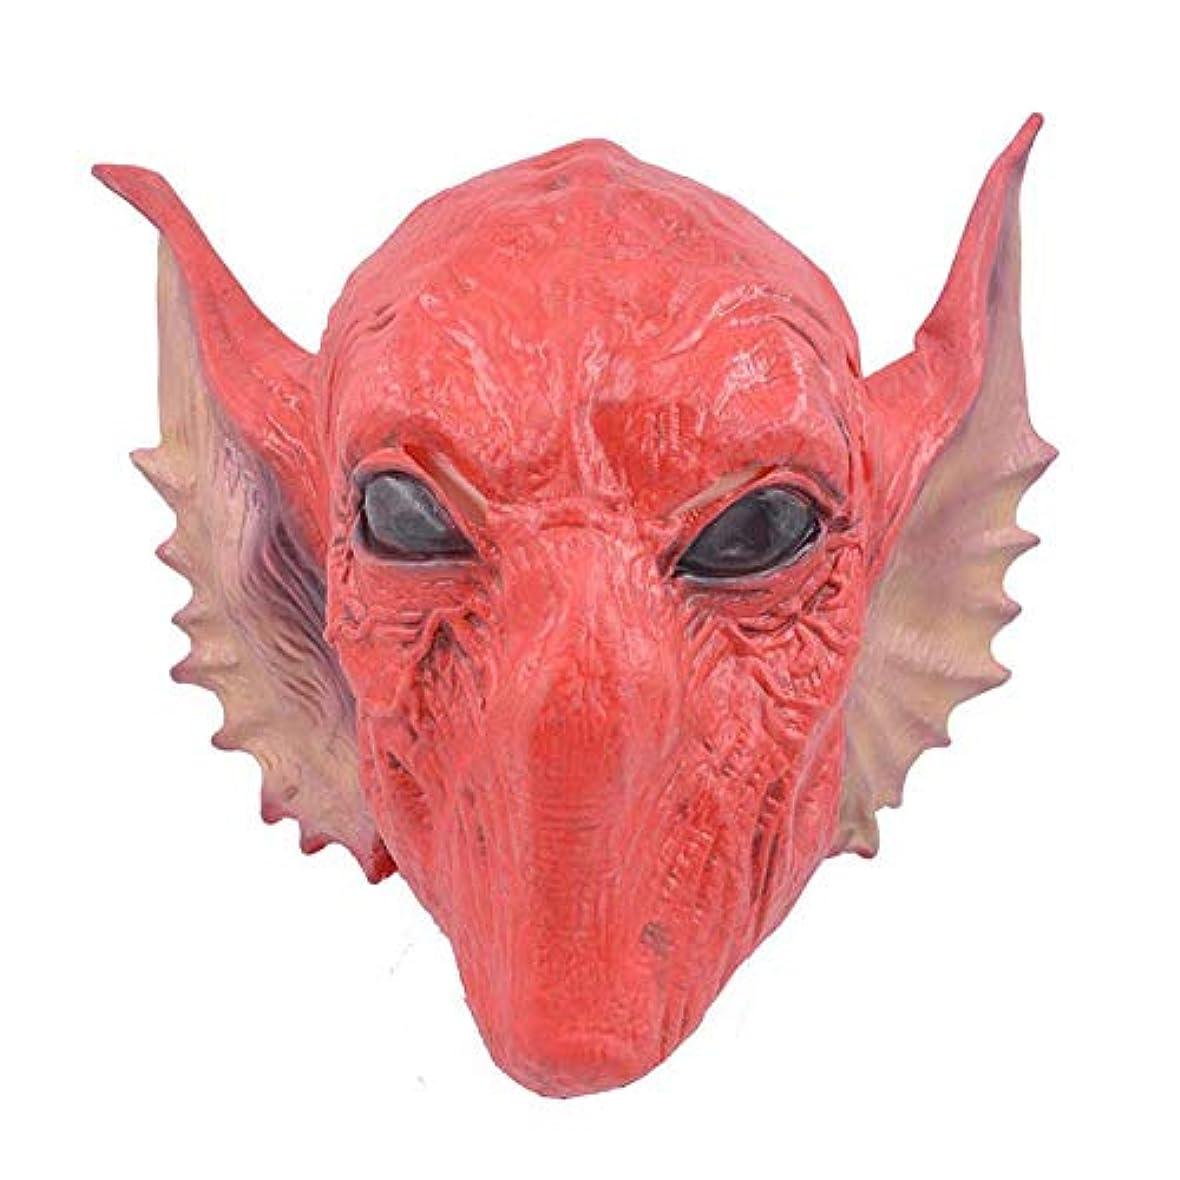 首謀者実際のダイエットハロウィーンマスク赤いフードのSF映画のテーママスクホラーマスク